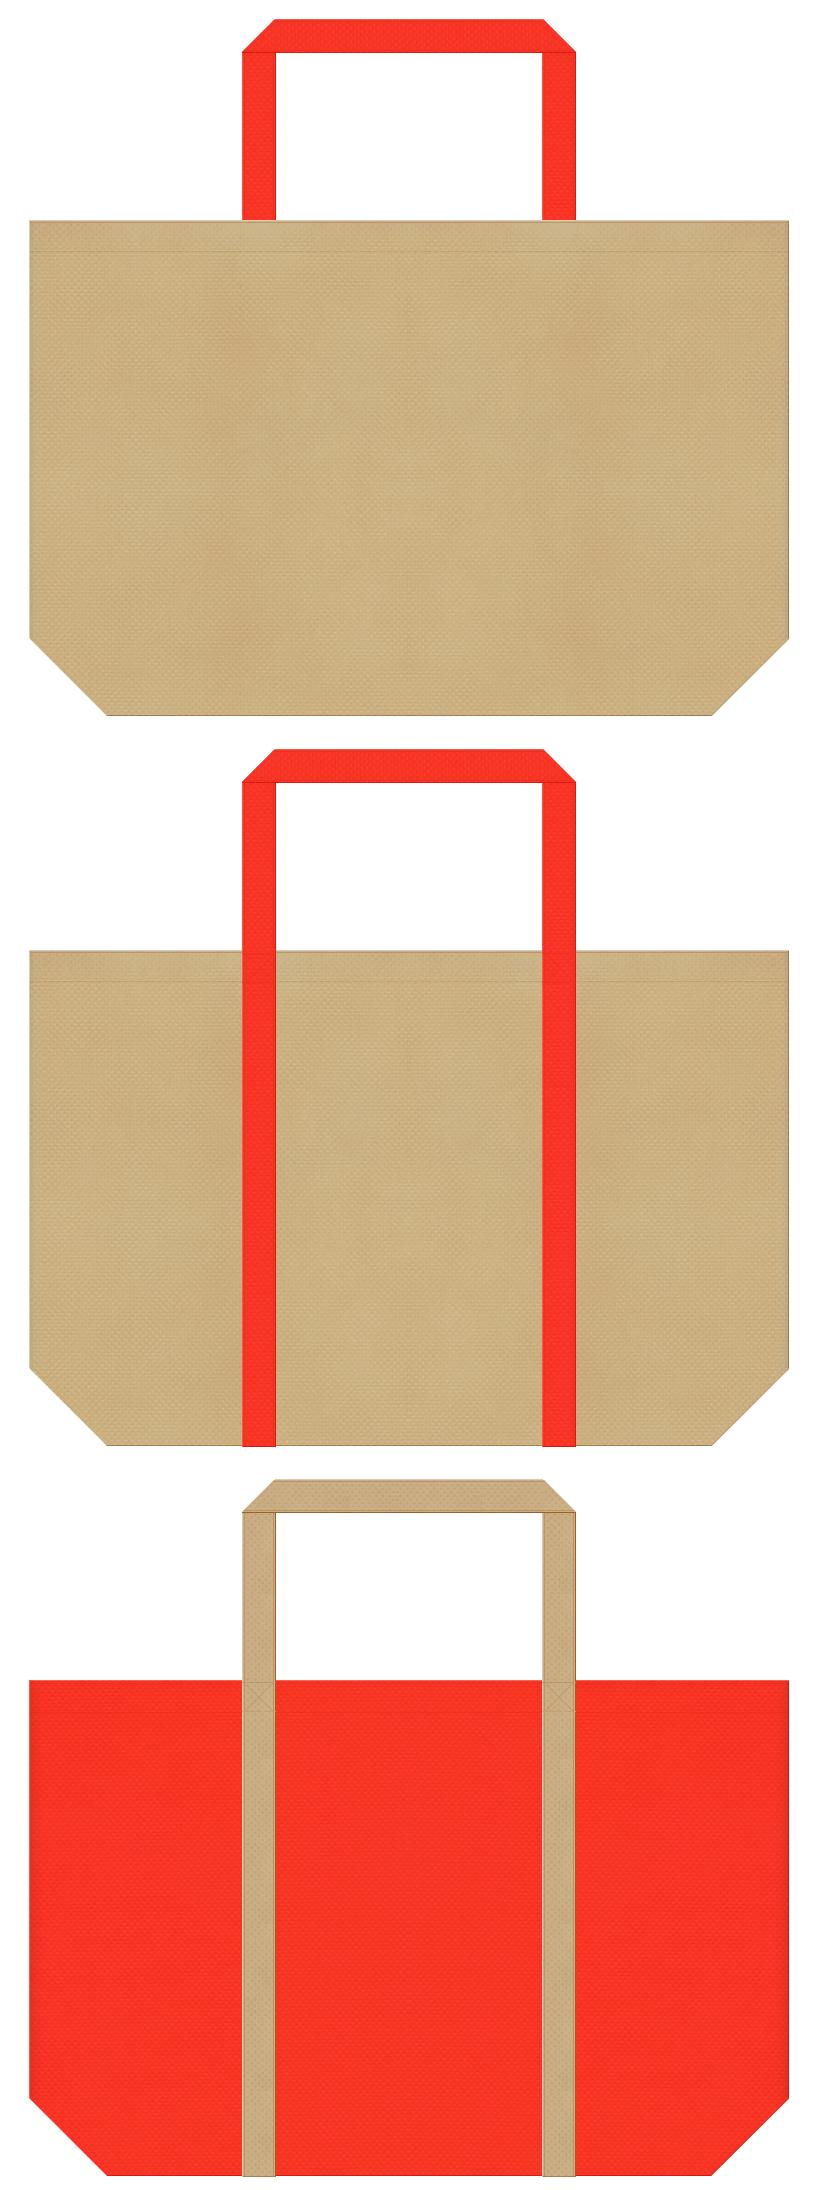 オニオンスープ・にんじん・サラダ油・調味料・お料理教室・ランチバッグにお奨めの不織布バッグデザイン:カーキ色とオレンジ色のコーデ